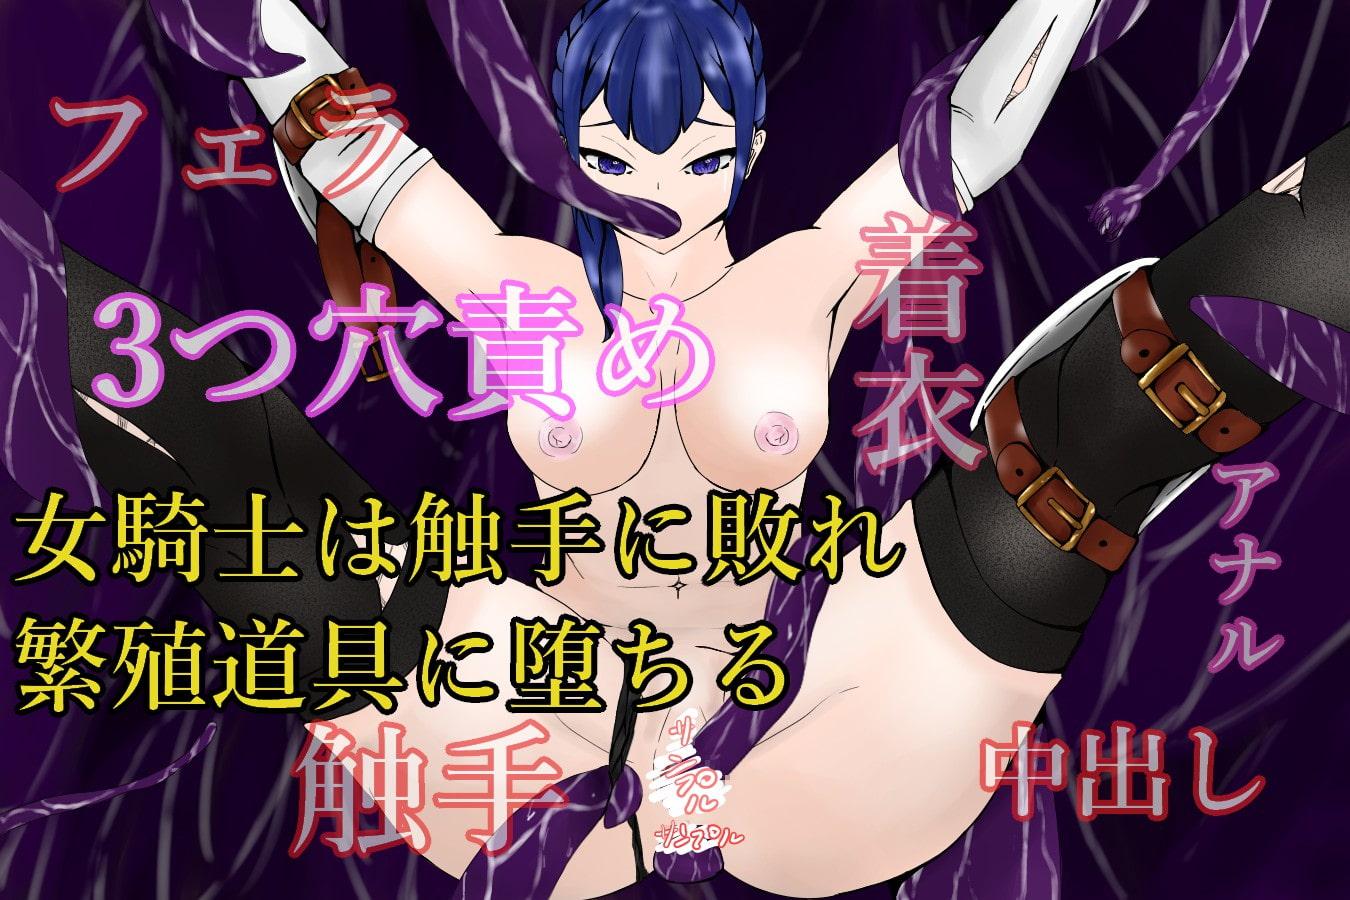 RJ329231 feelerTimeValkyrieGirl~触手に敗れた女騎士は繁殖の道具に堕とされる~ [20210529]